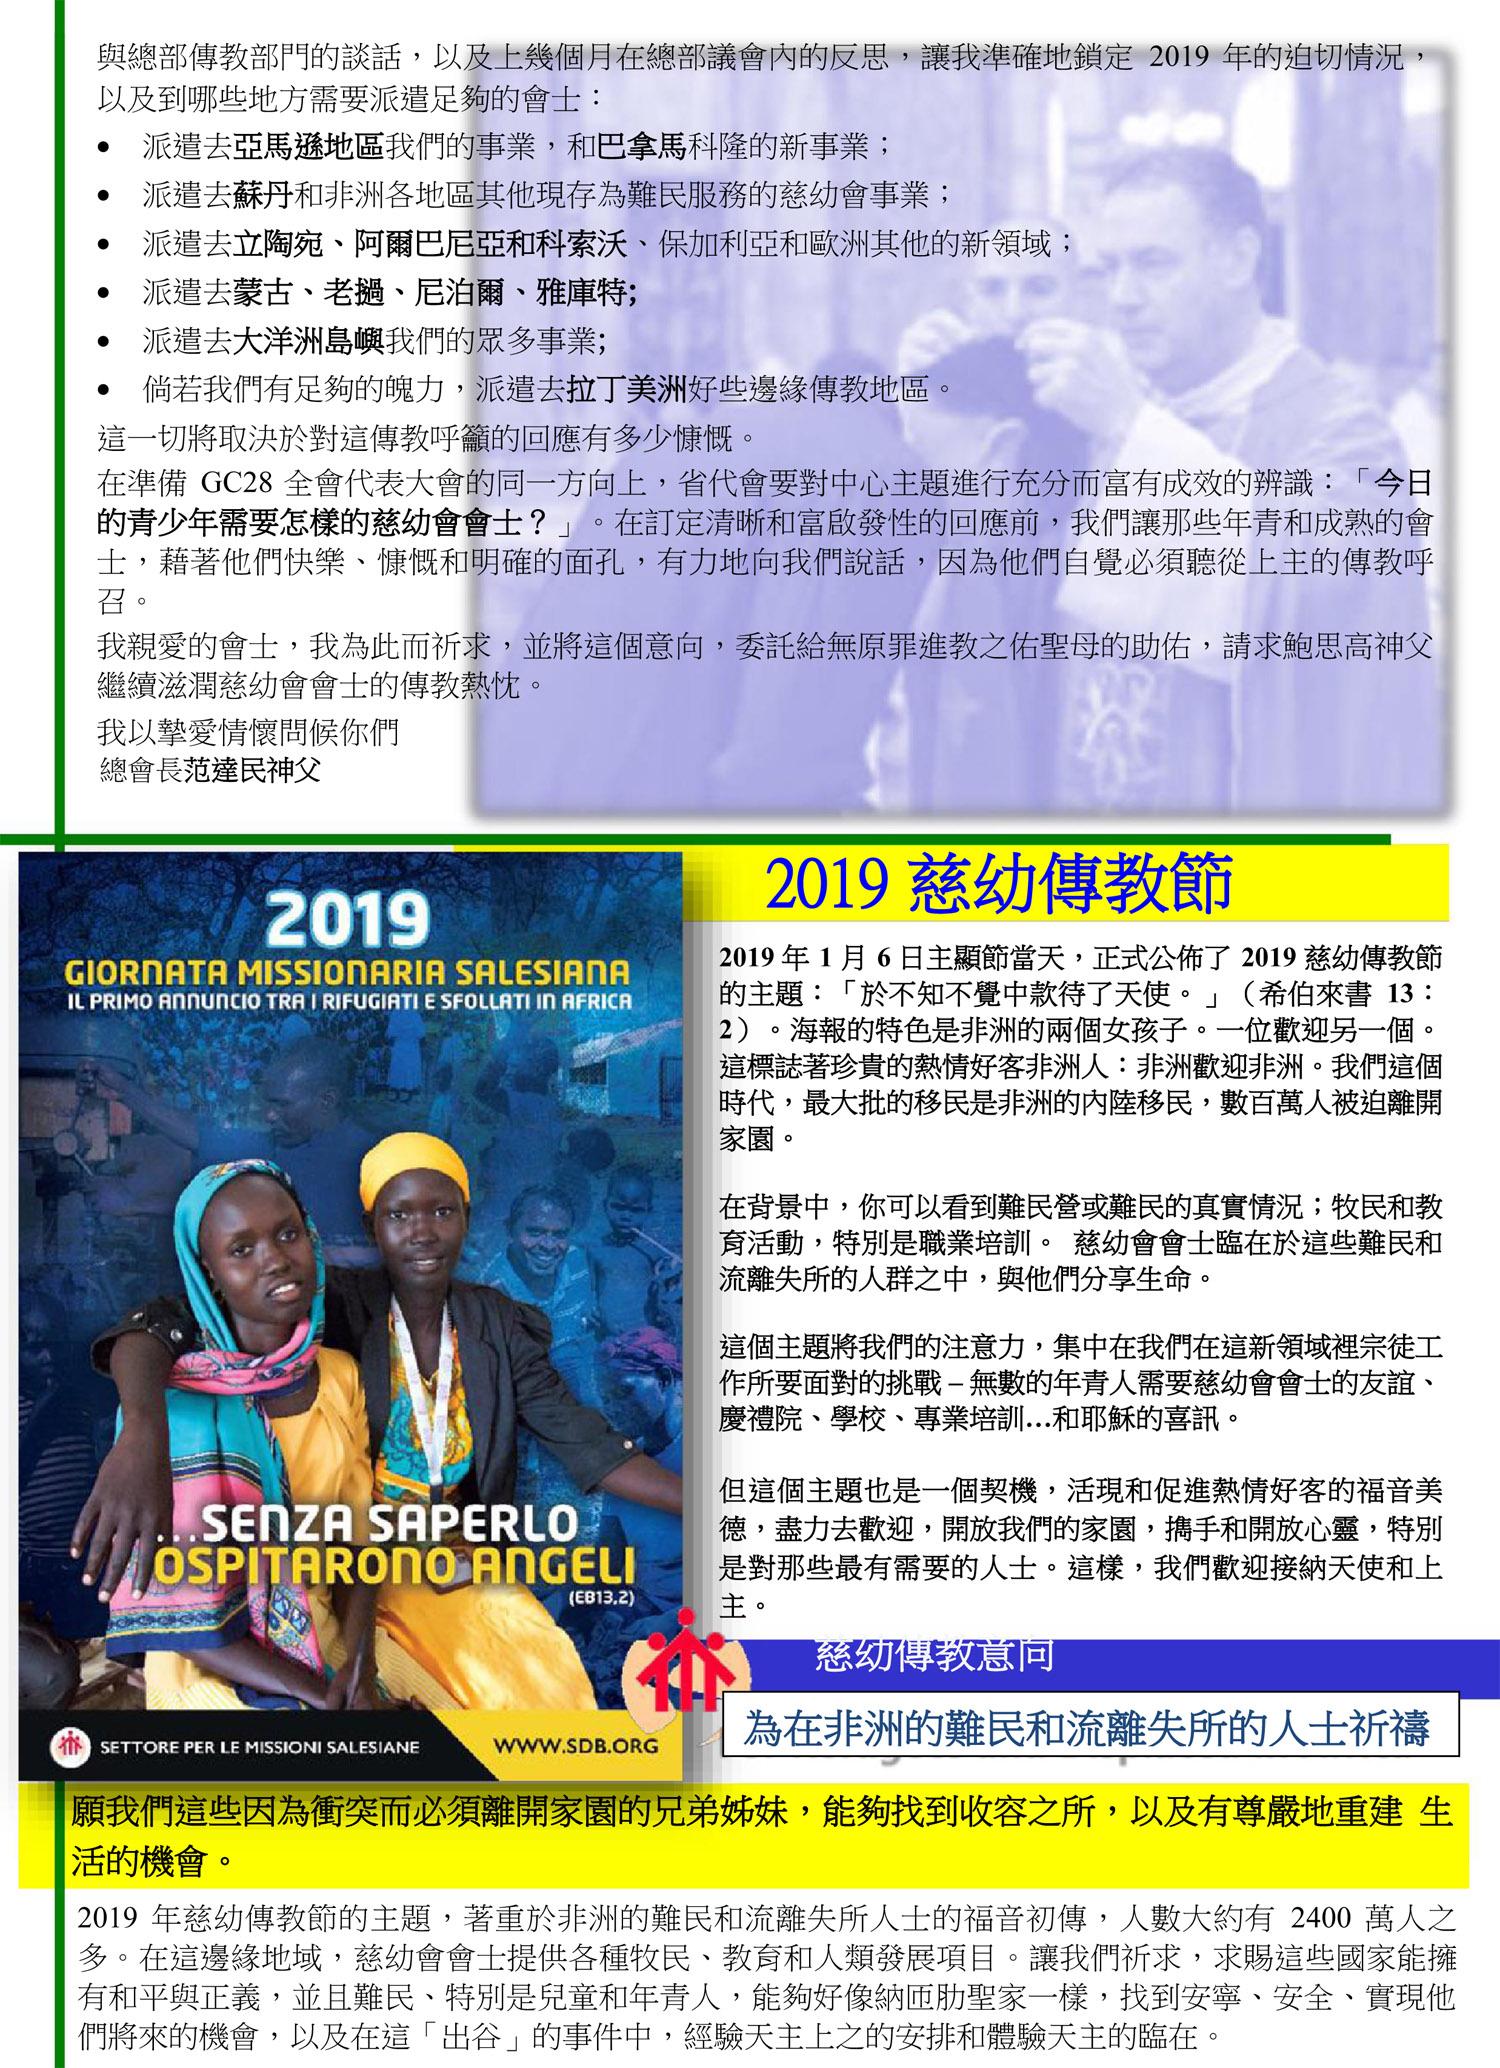 Cagliero 11 201901l 中文-2